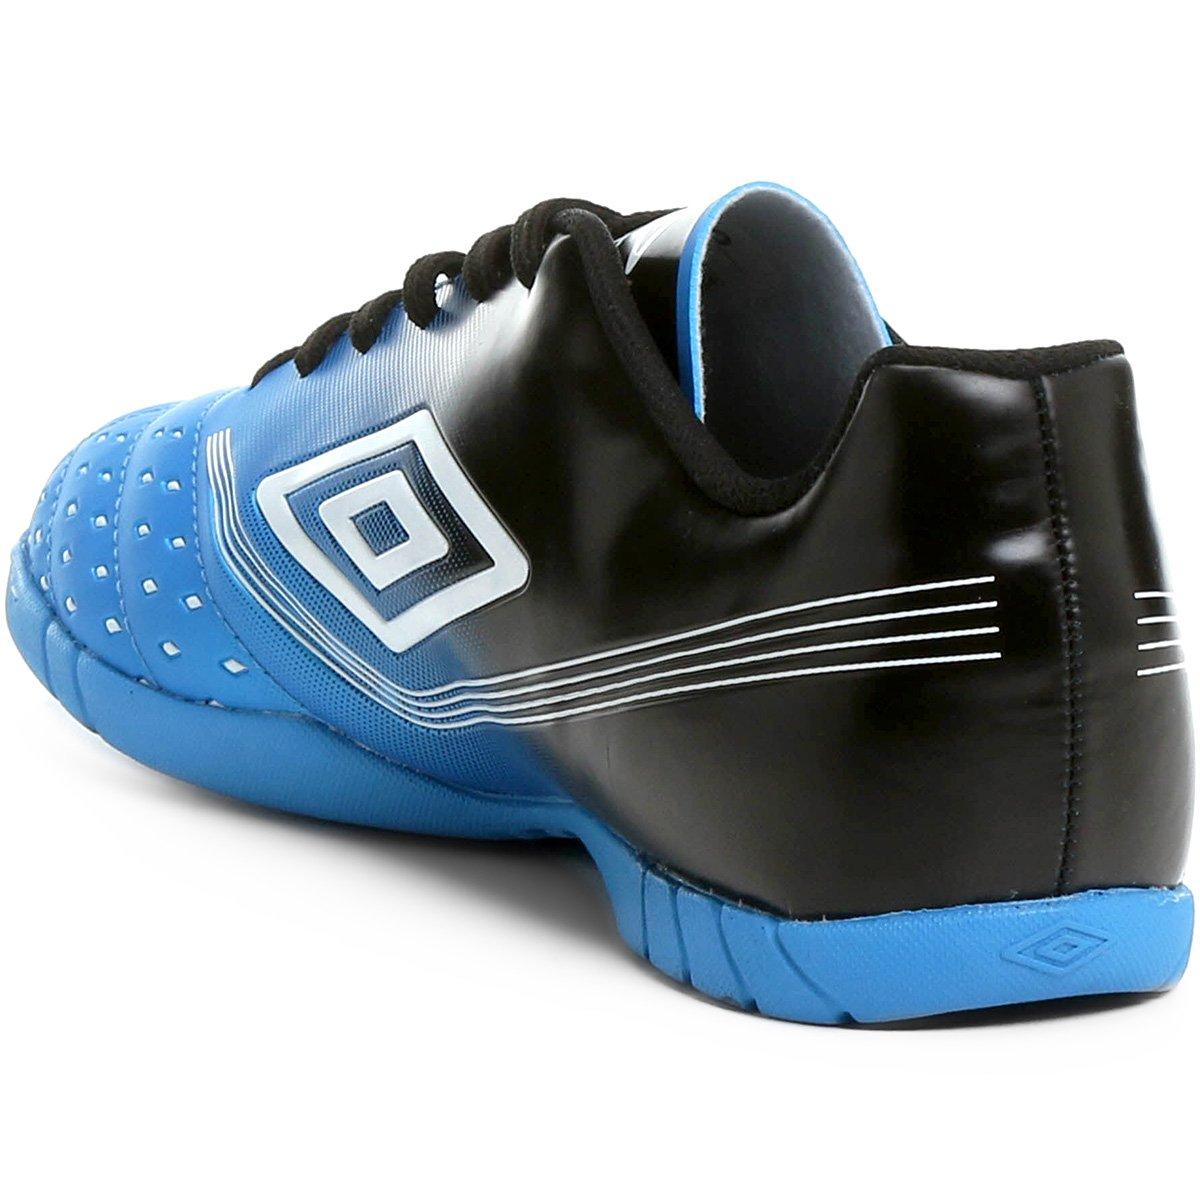 190b41bdb0 Chuteira Futsal Umbro Fifty - Preto e Azul - Compre Agora